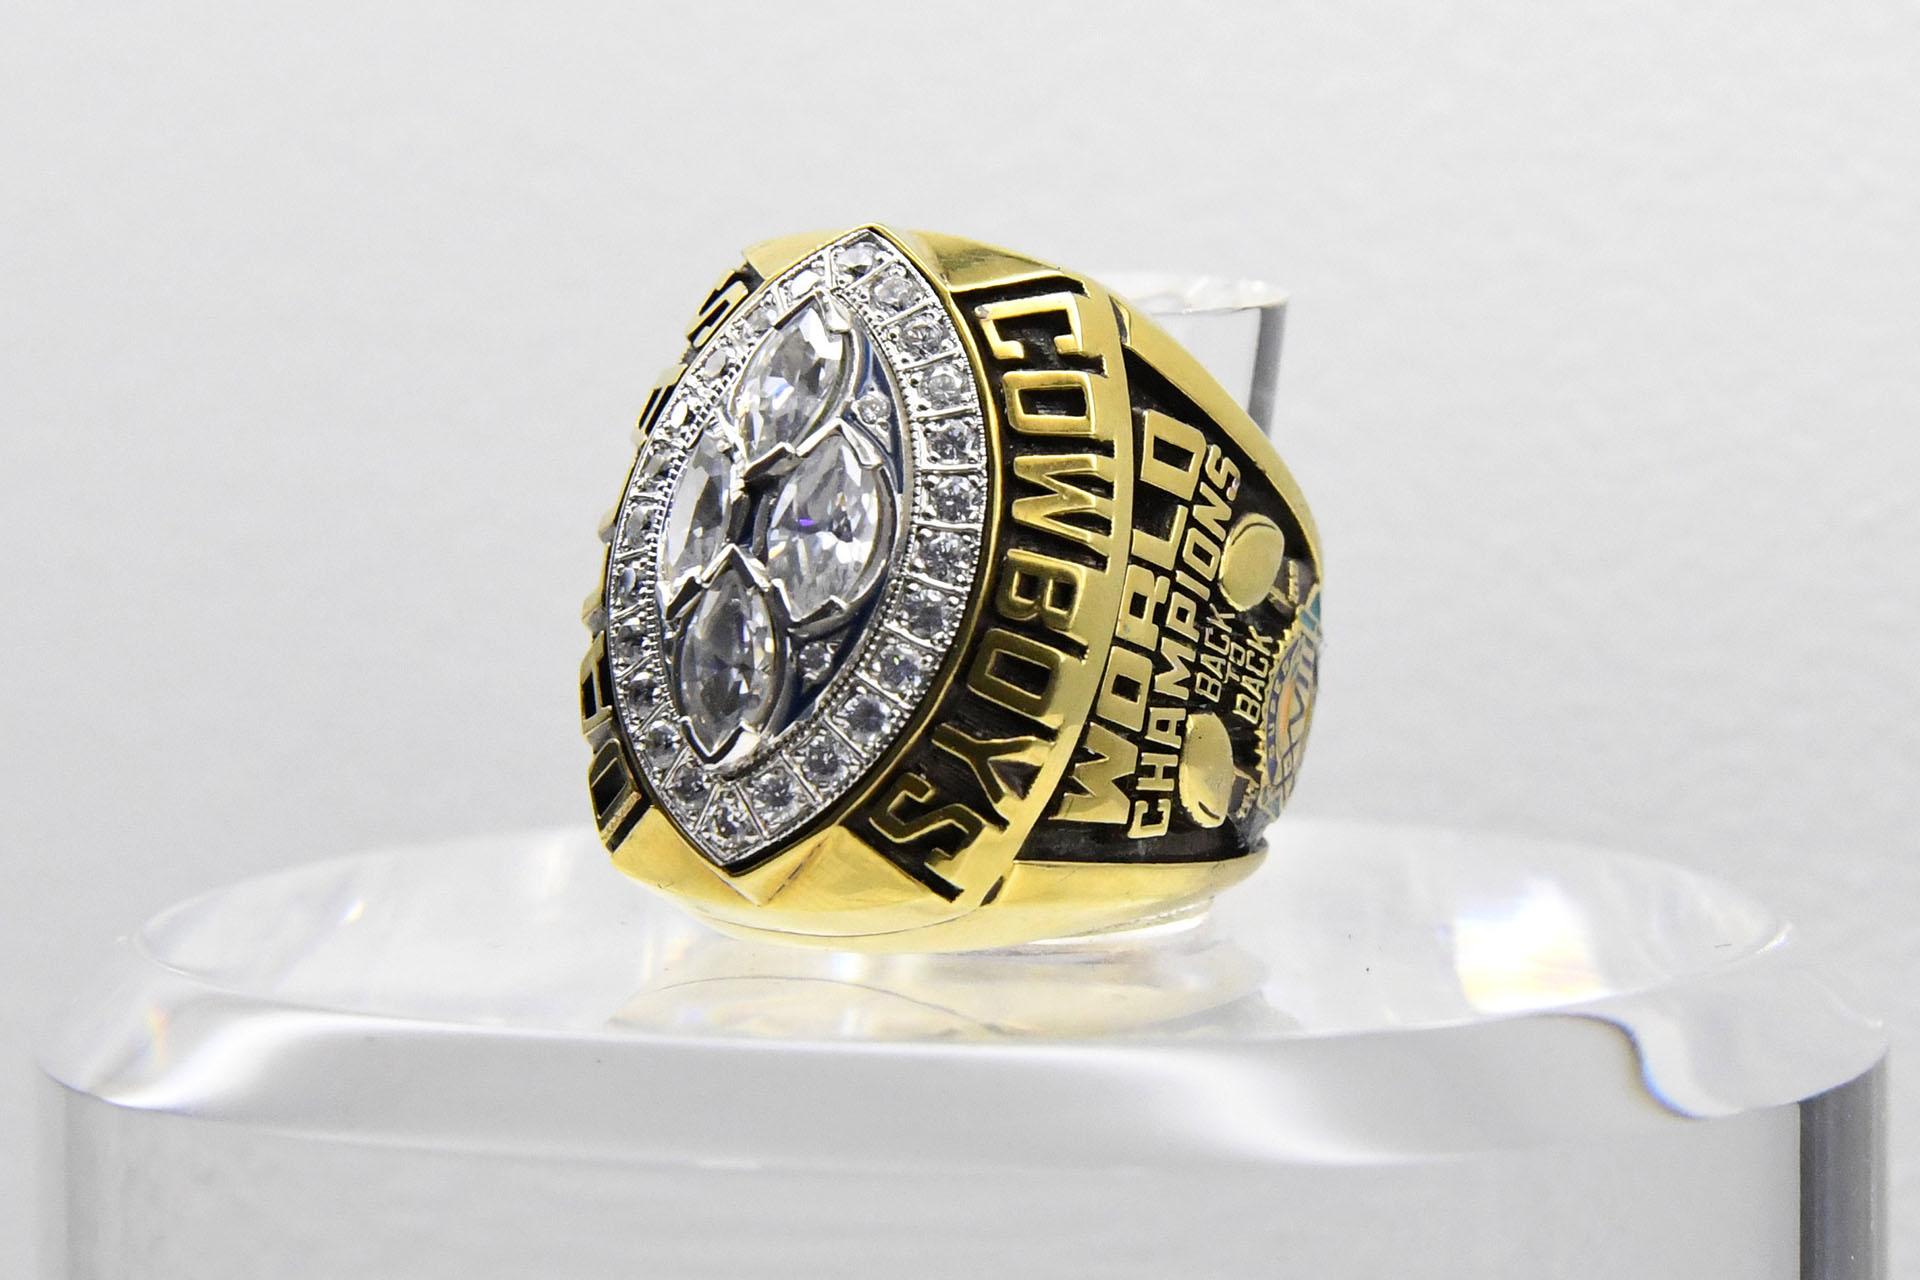 El anillo que conmemora a los ganadores del Super Bowl XXVIII de 1994, los Dallas Cowboys, que superaron 30-13 a los Buffalo Bills en elGeorgia Dome de Atlanta